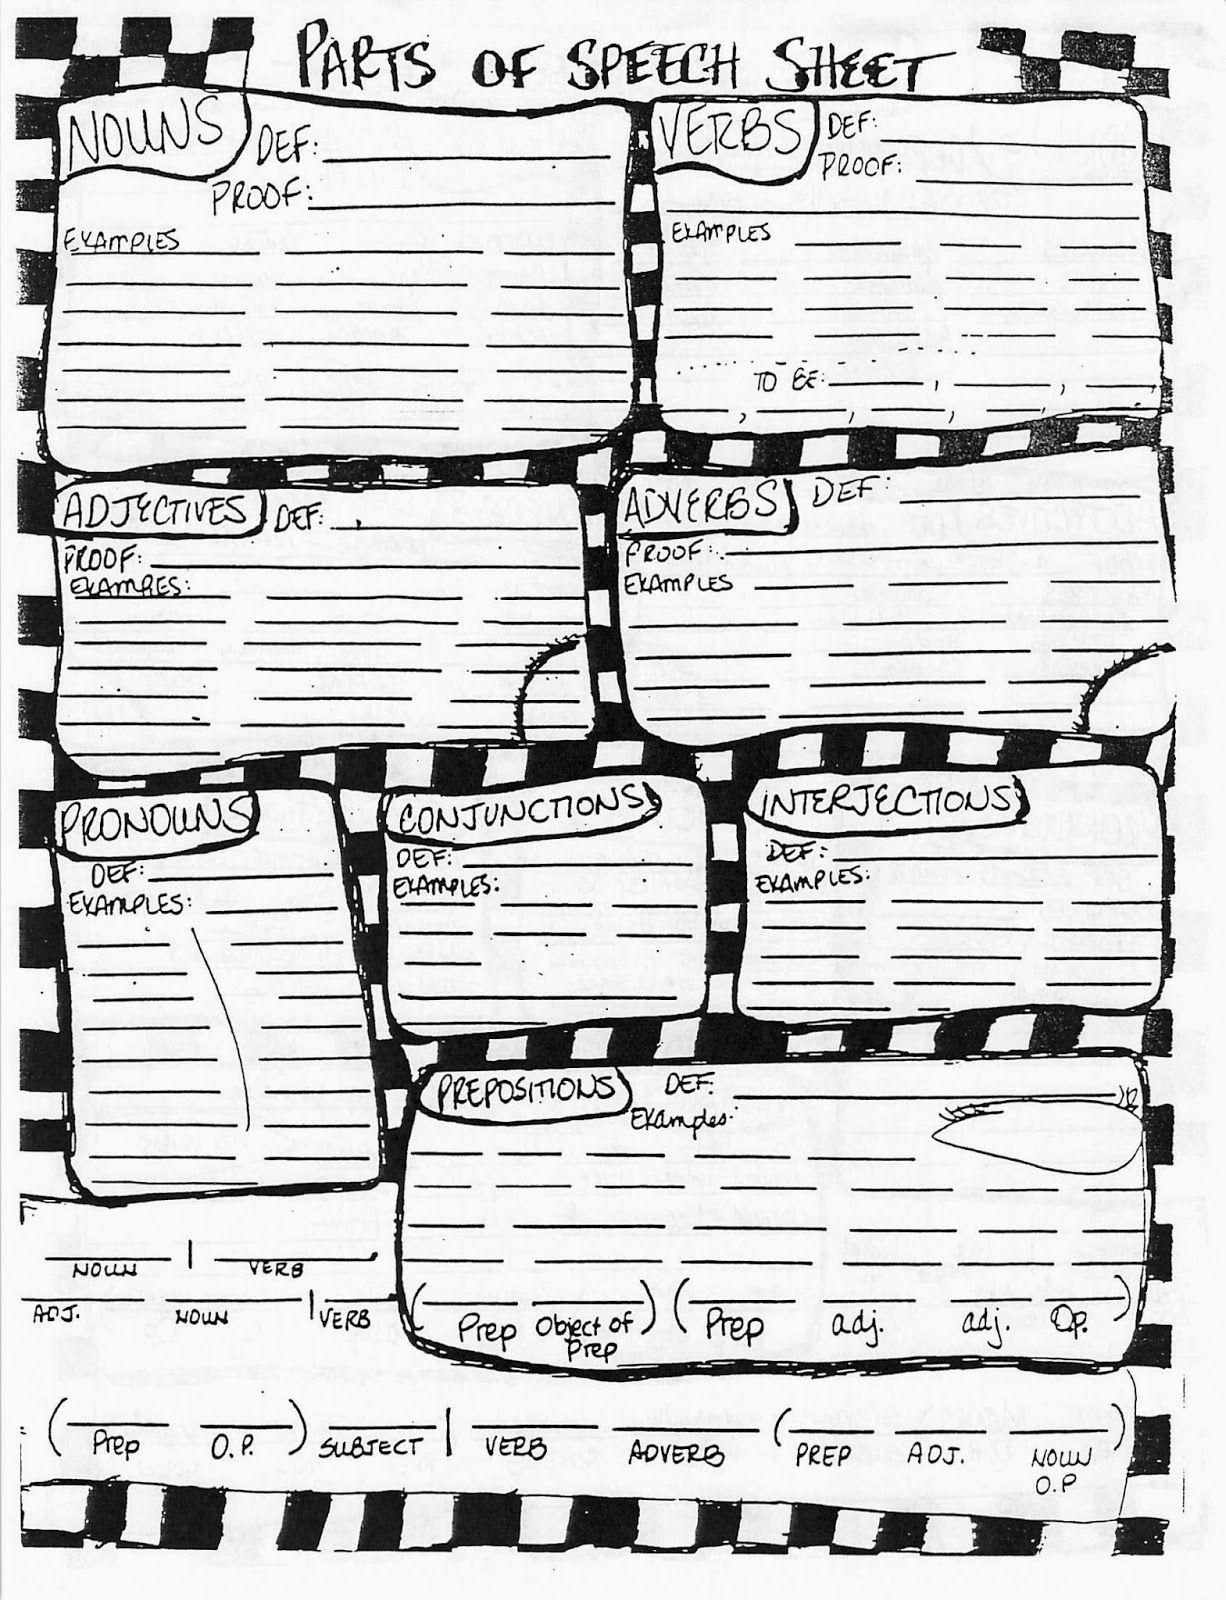 Bernabei Writing Tools Parts Of Speech Sheet